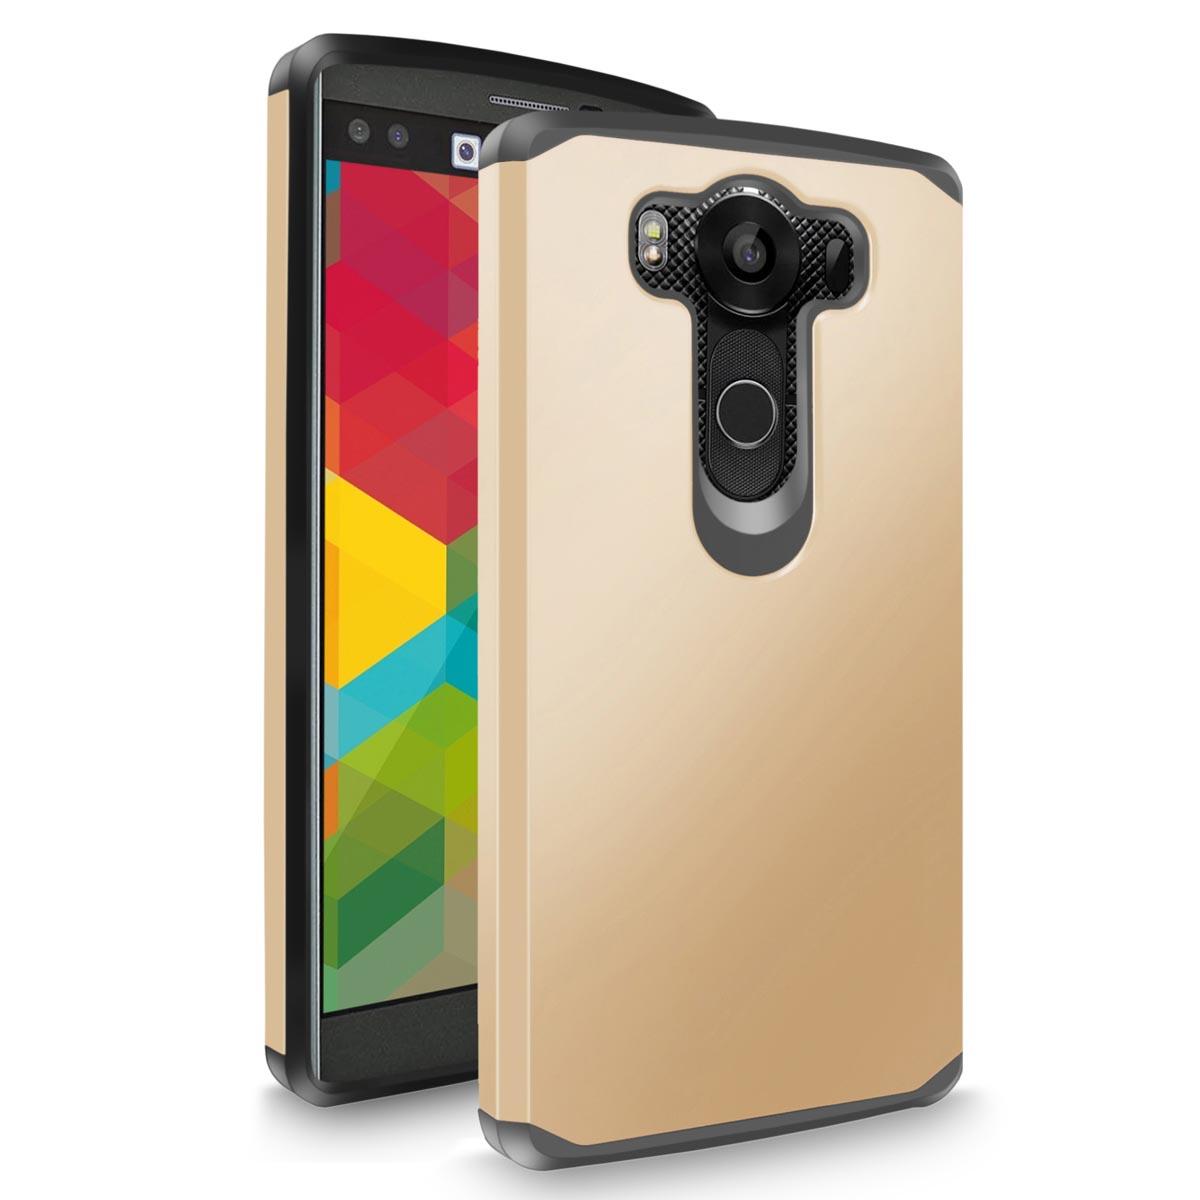 LG-V10-SHCKPF-BK-GD-2